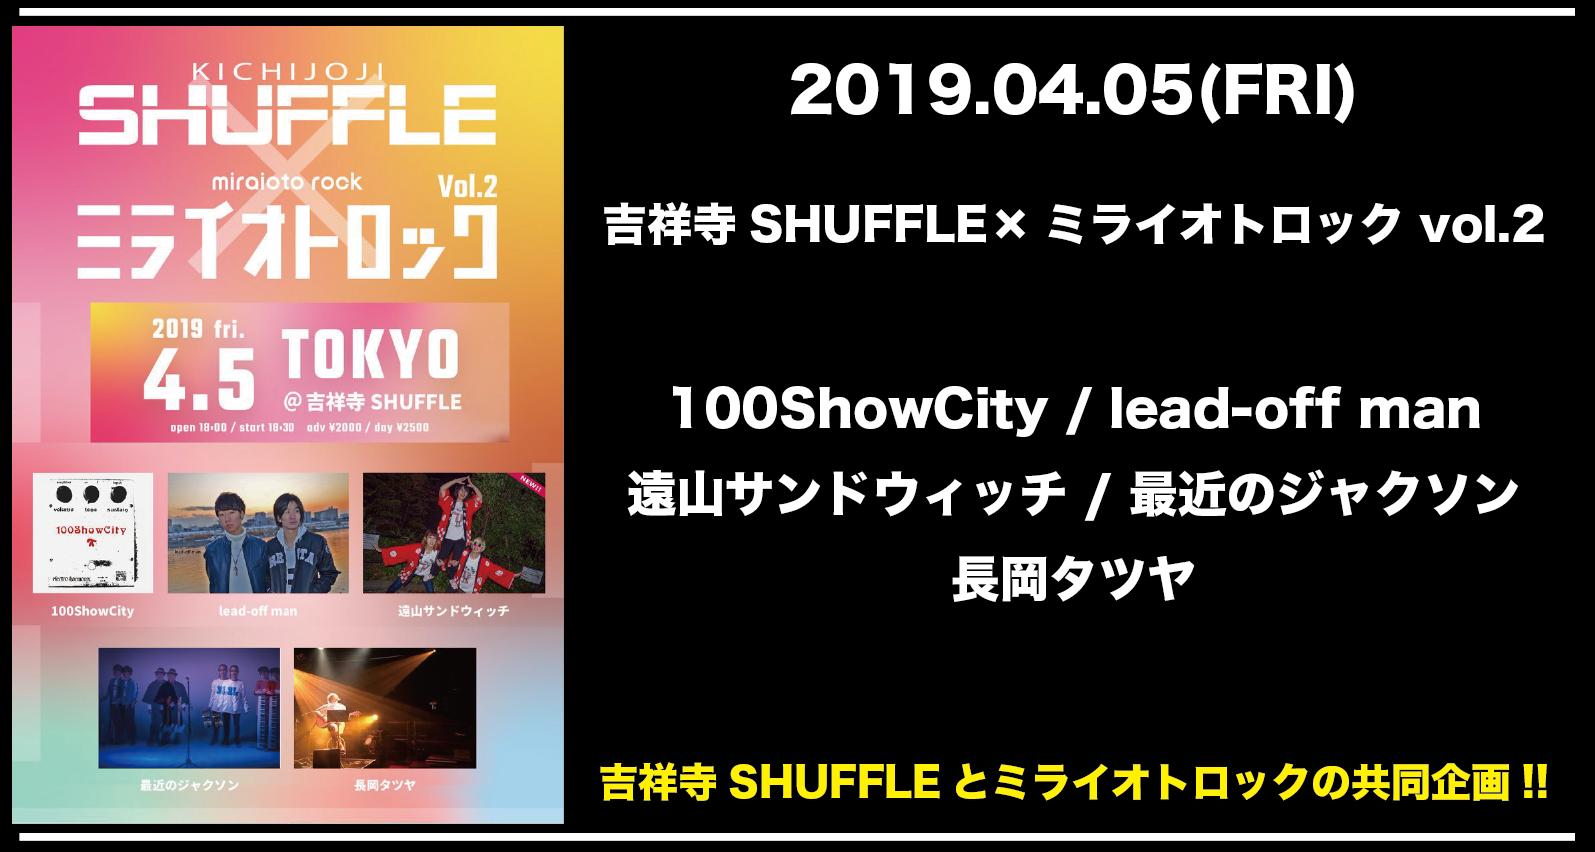 吉祥寺SHUFFLE×ミライオトロック vol.2